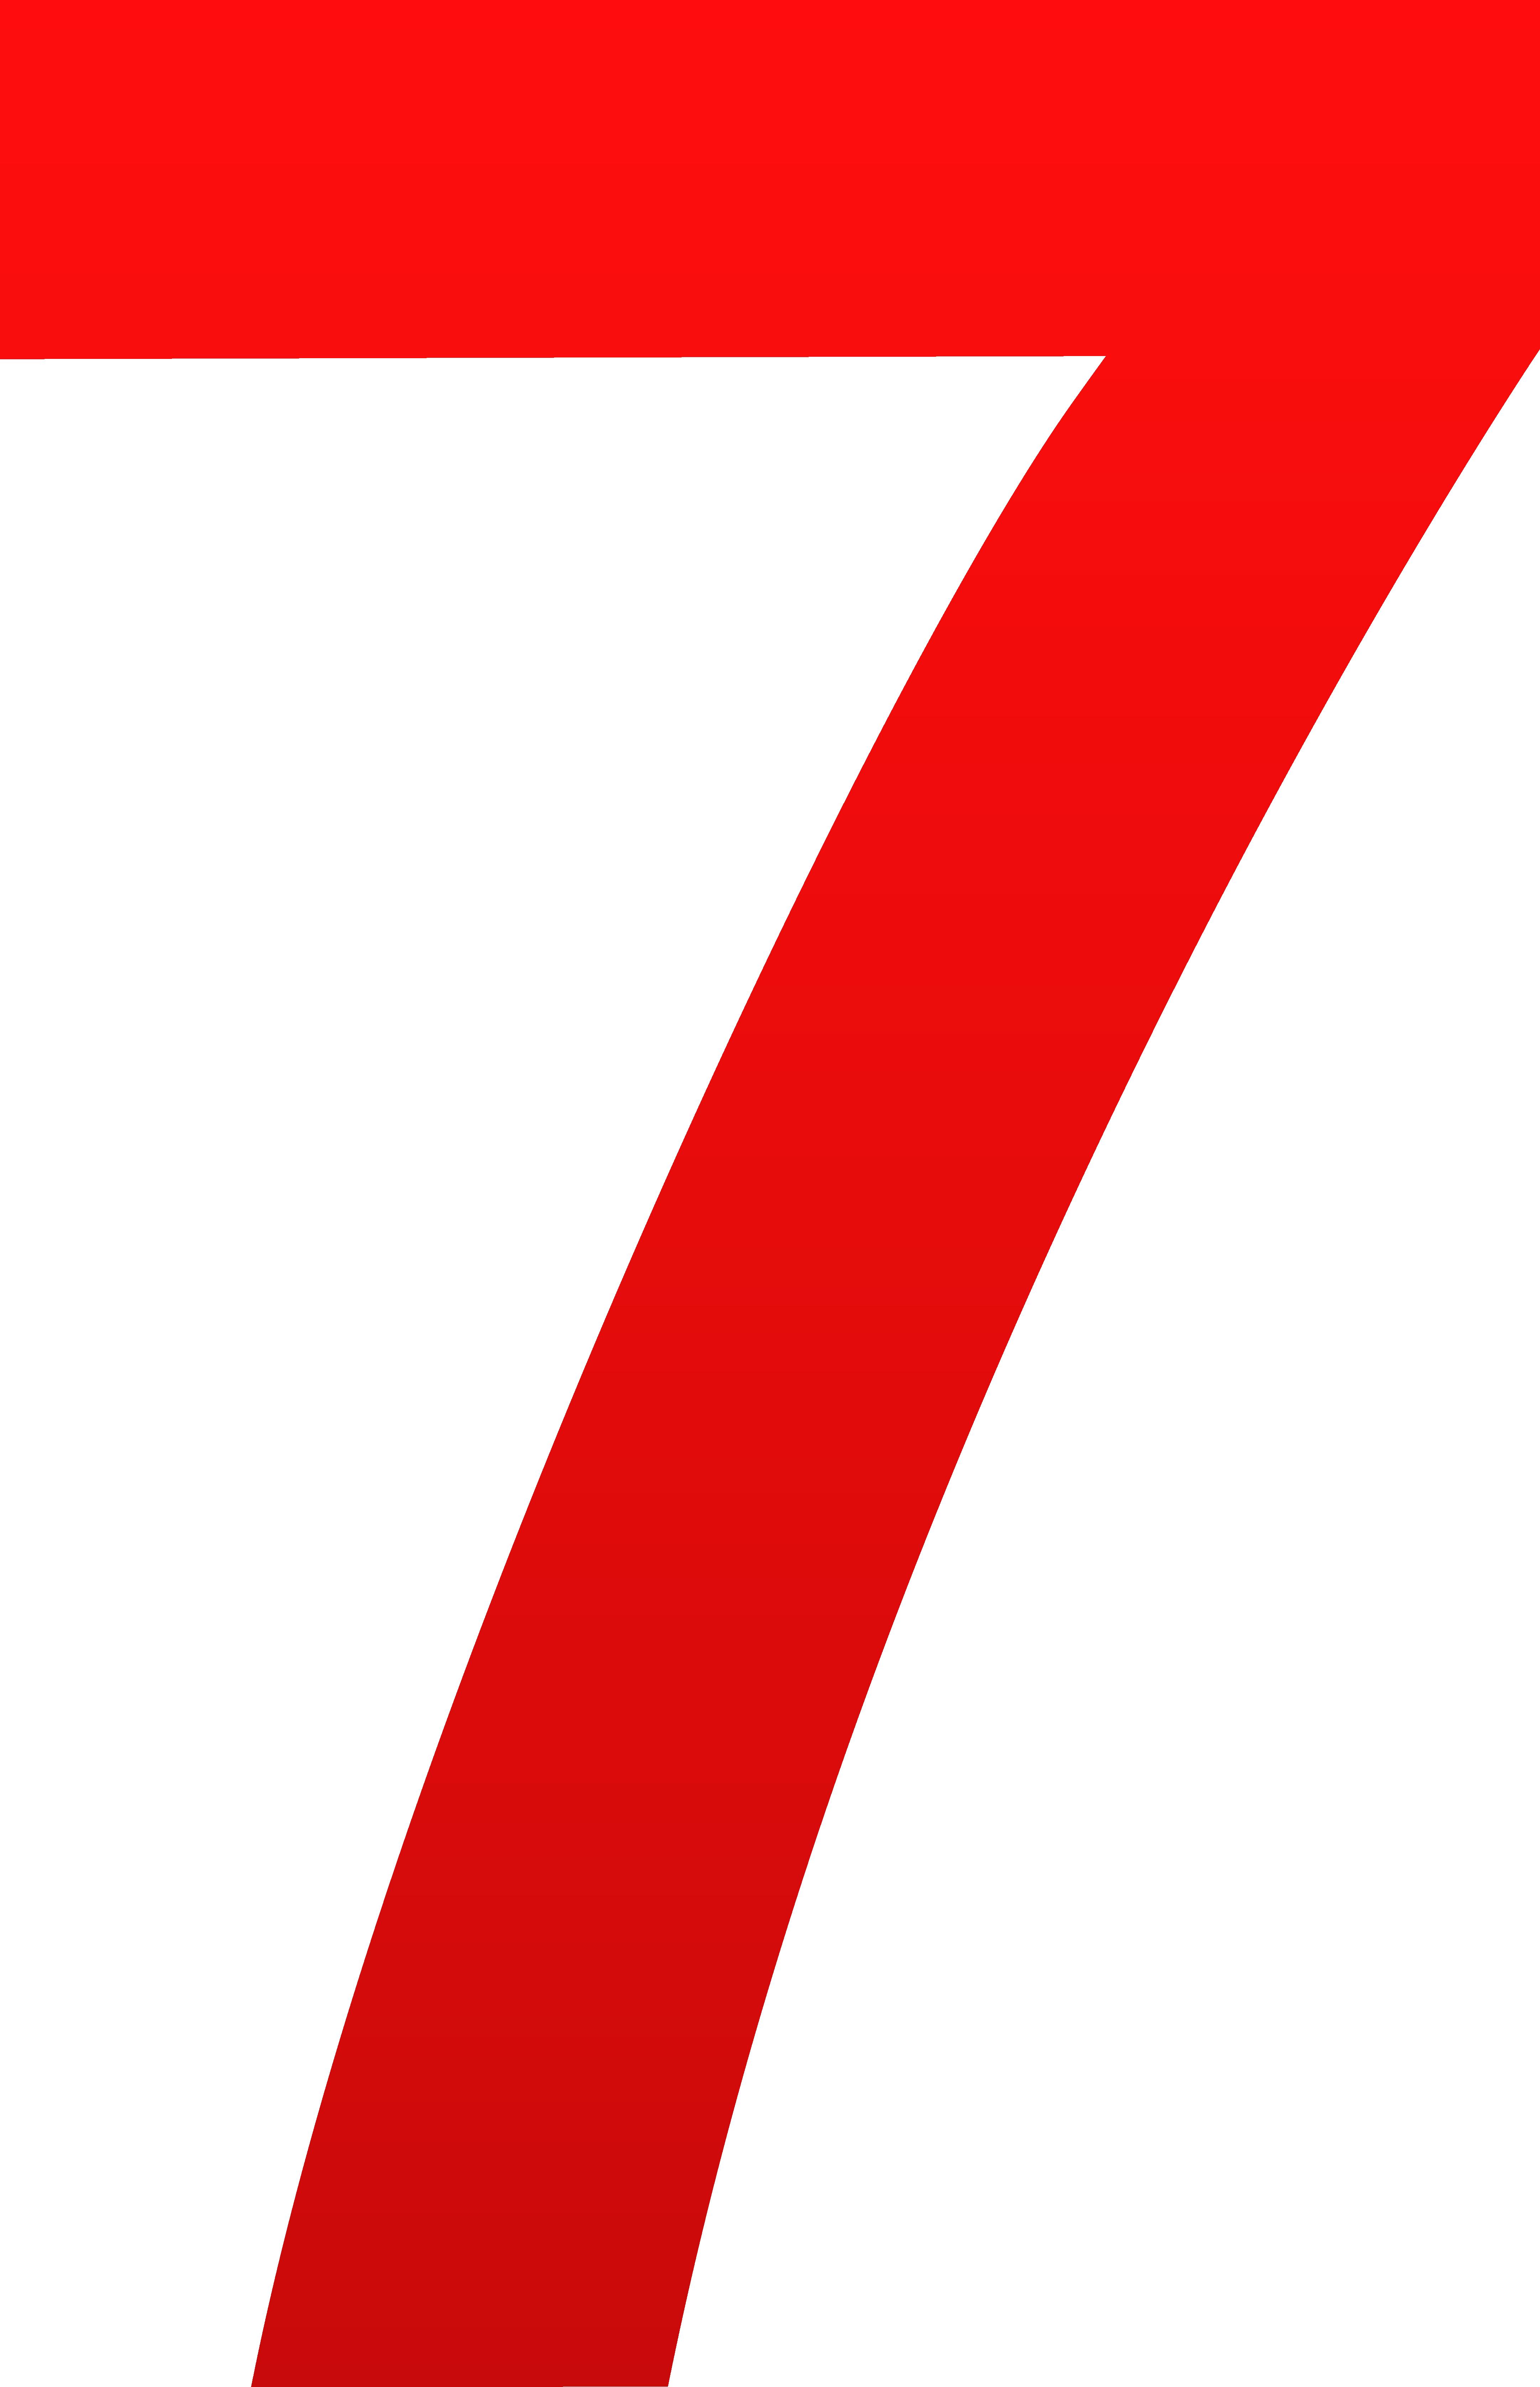 Number Clip Art-Number Clip Art-15